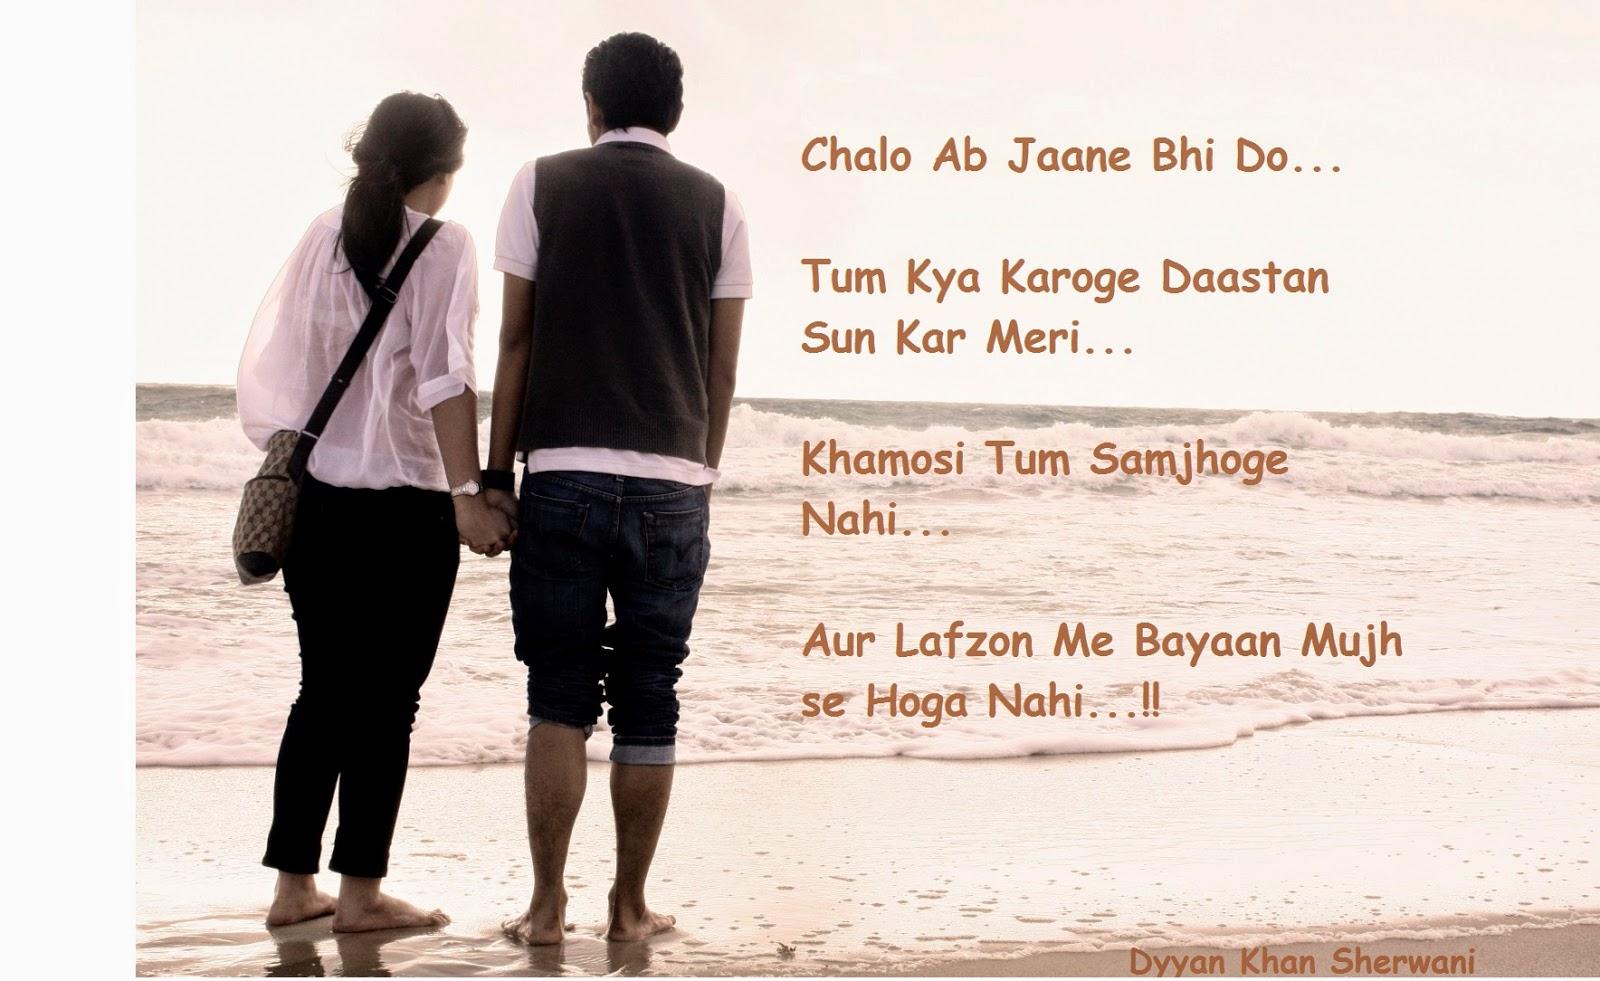 Chalo Ab Jaane Bhi Do